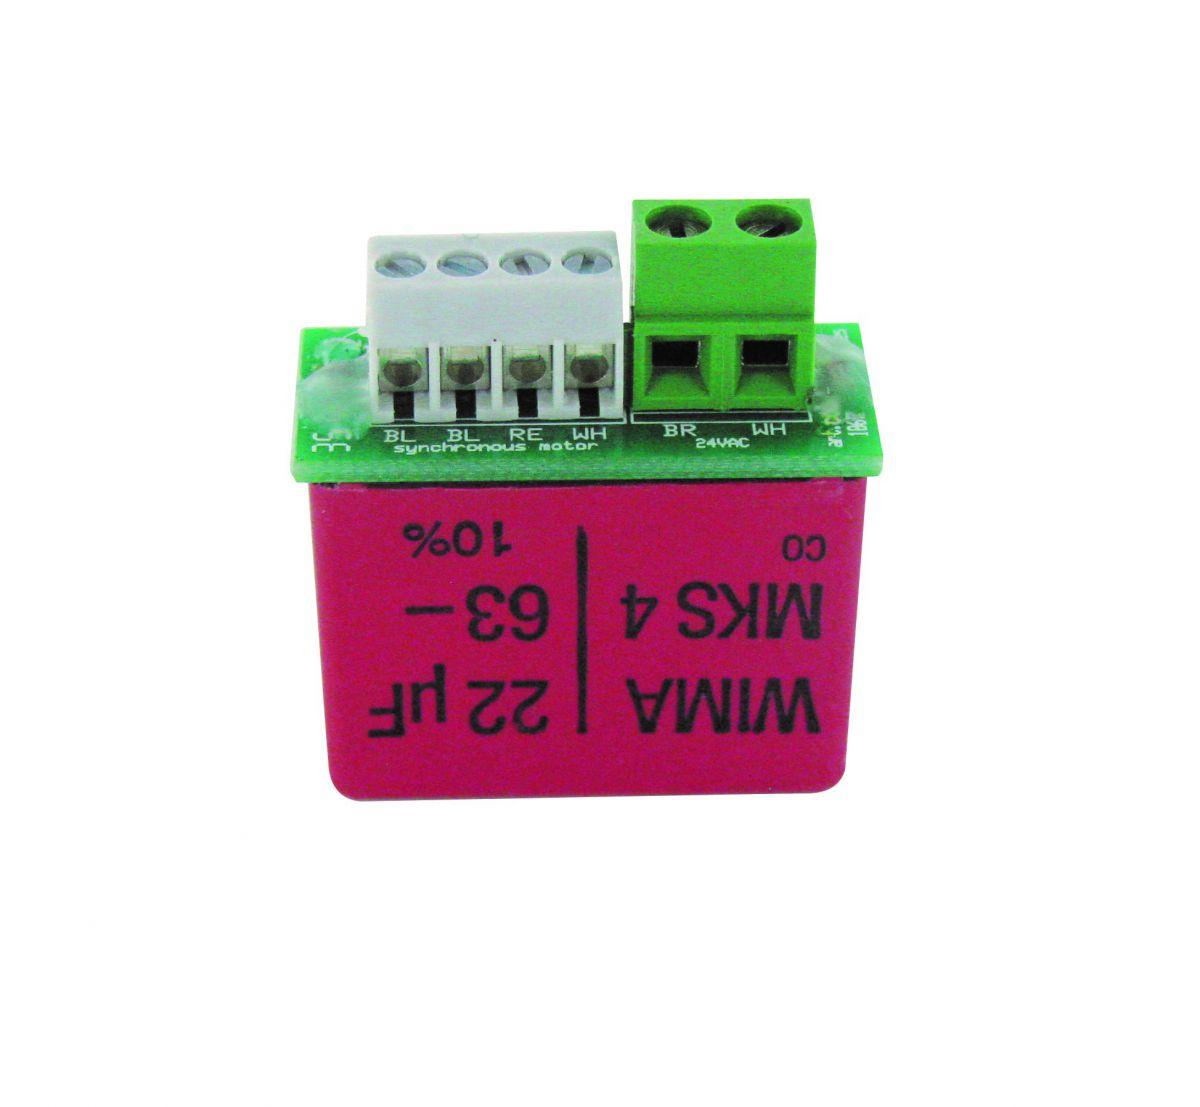 condensator op aansluitprint 22f tbv motor 001069000